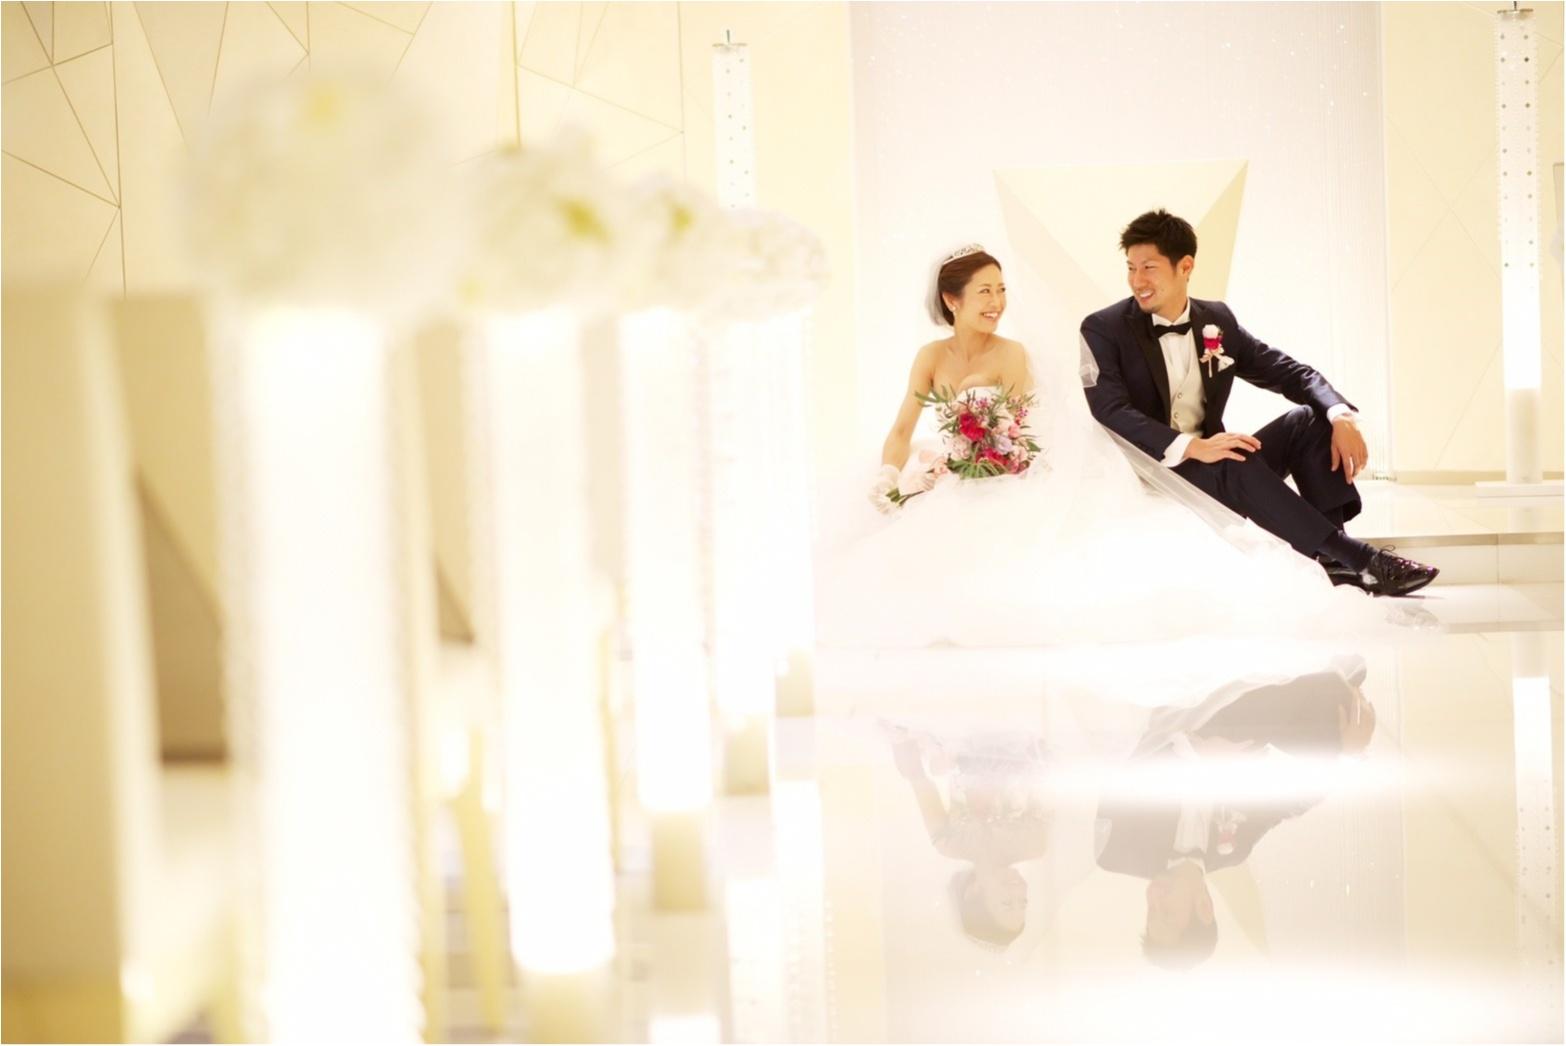 【結婚式のカメラ事情】外注カメラ!東京ウェディングスタイルさんにお願いしました!_6